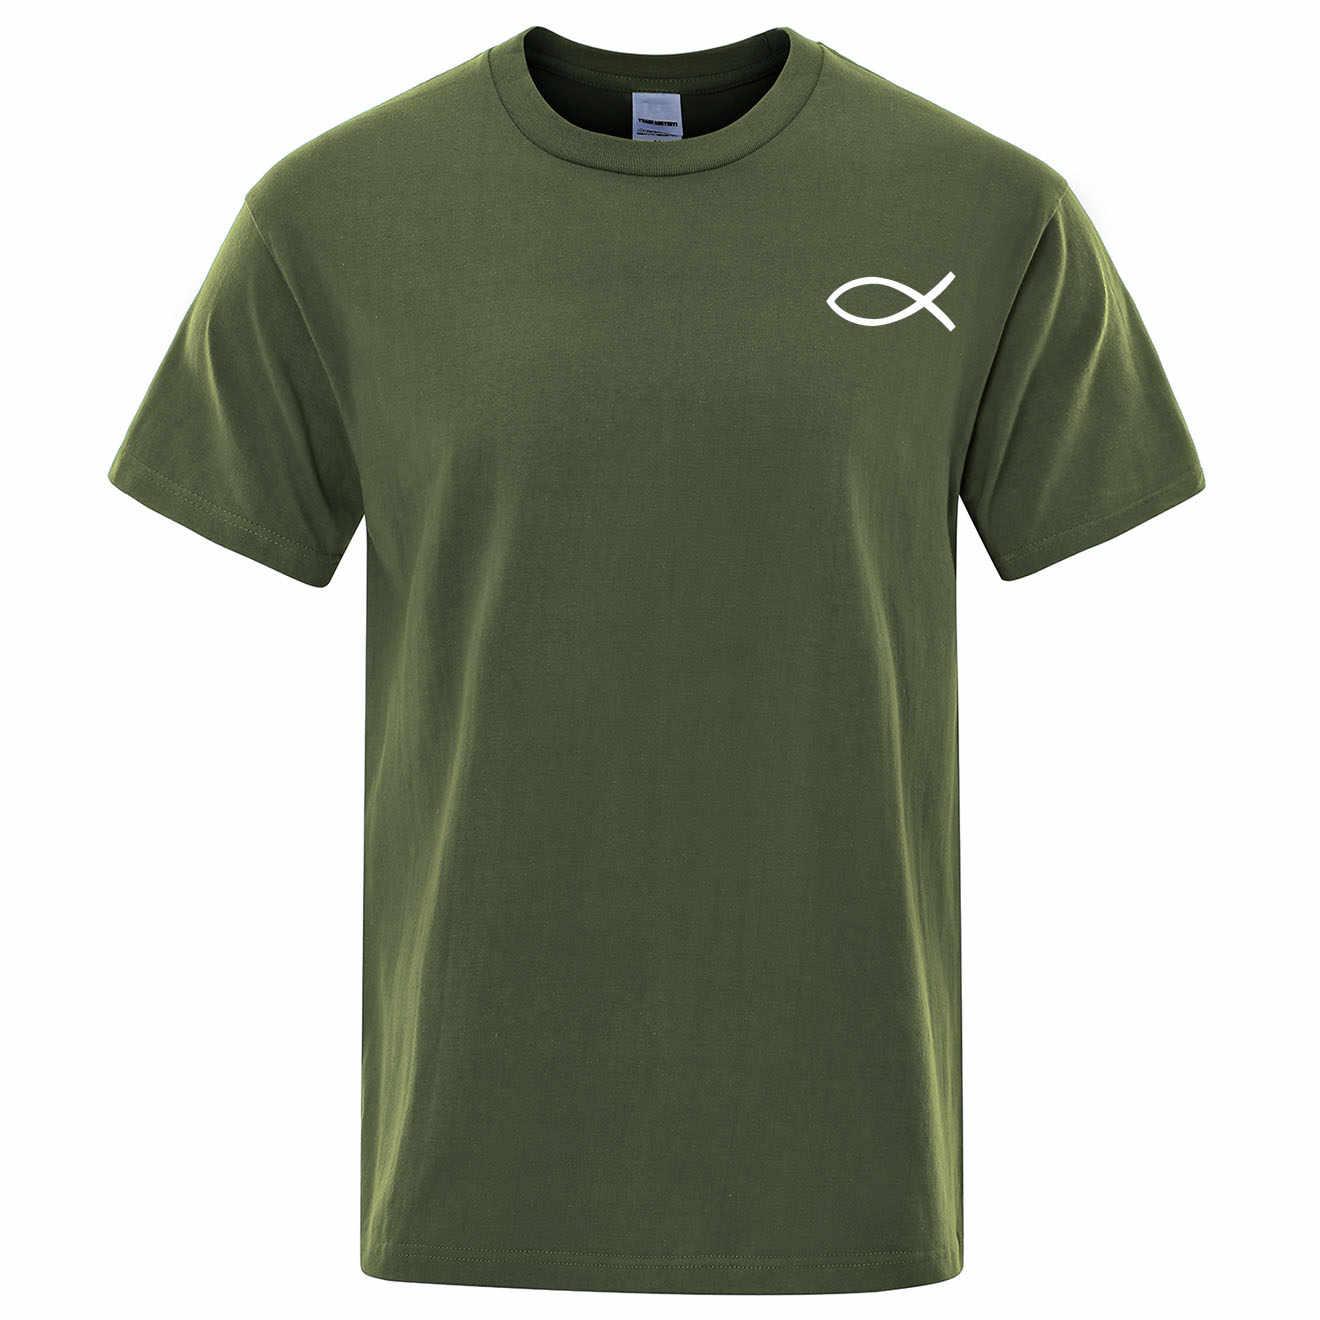 2019 Musim Panas Baru T Kemeja Pria Merek Tee Anak Laki-laki Pria T-Shirt Lengan Pendek Atasan Christian JESUS Ikan Katun Berkualitas Tinggi men Suit